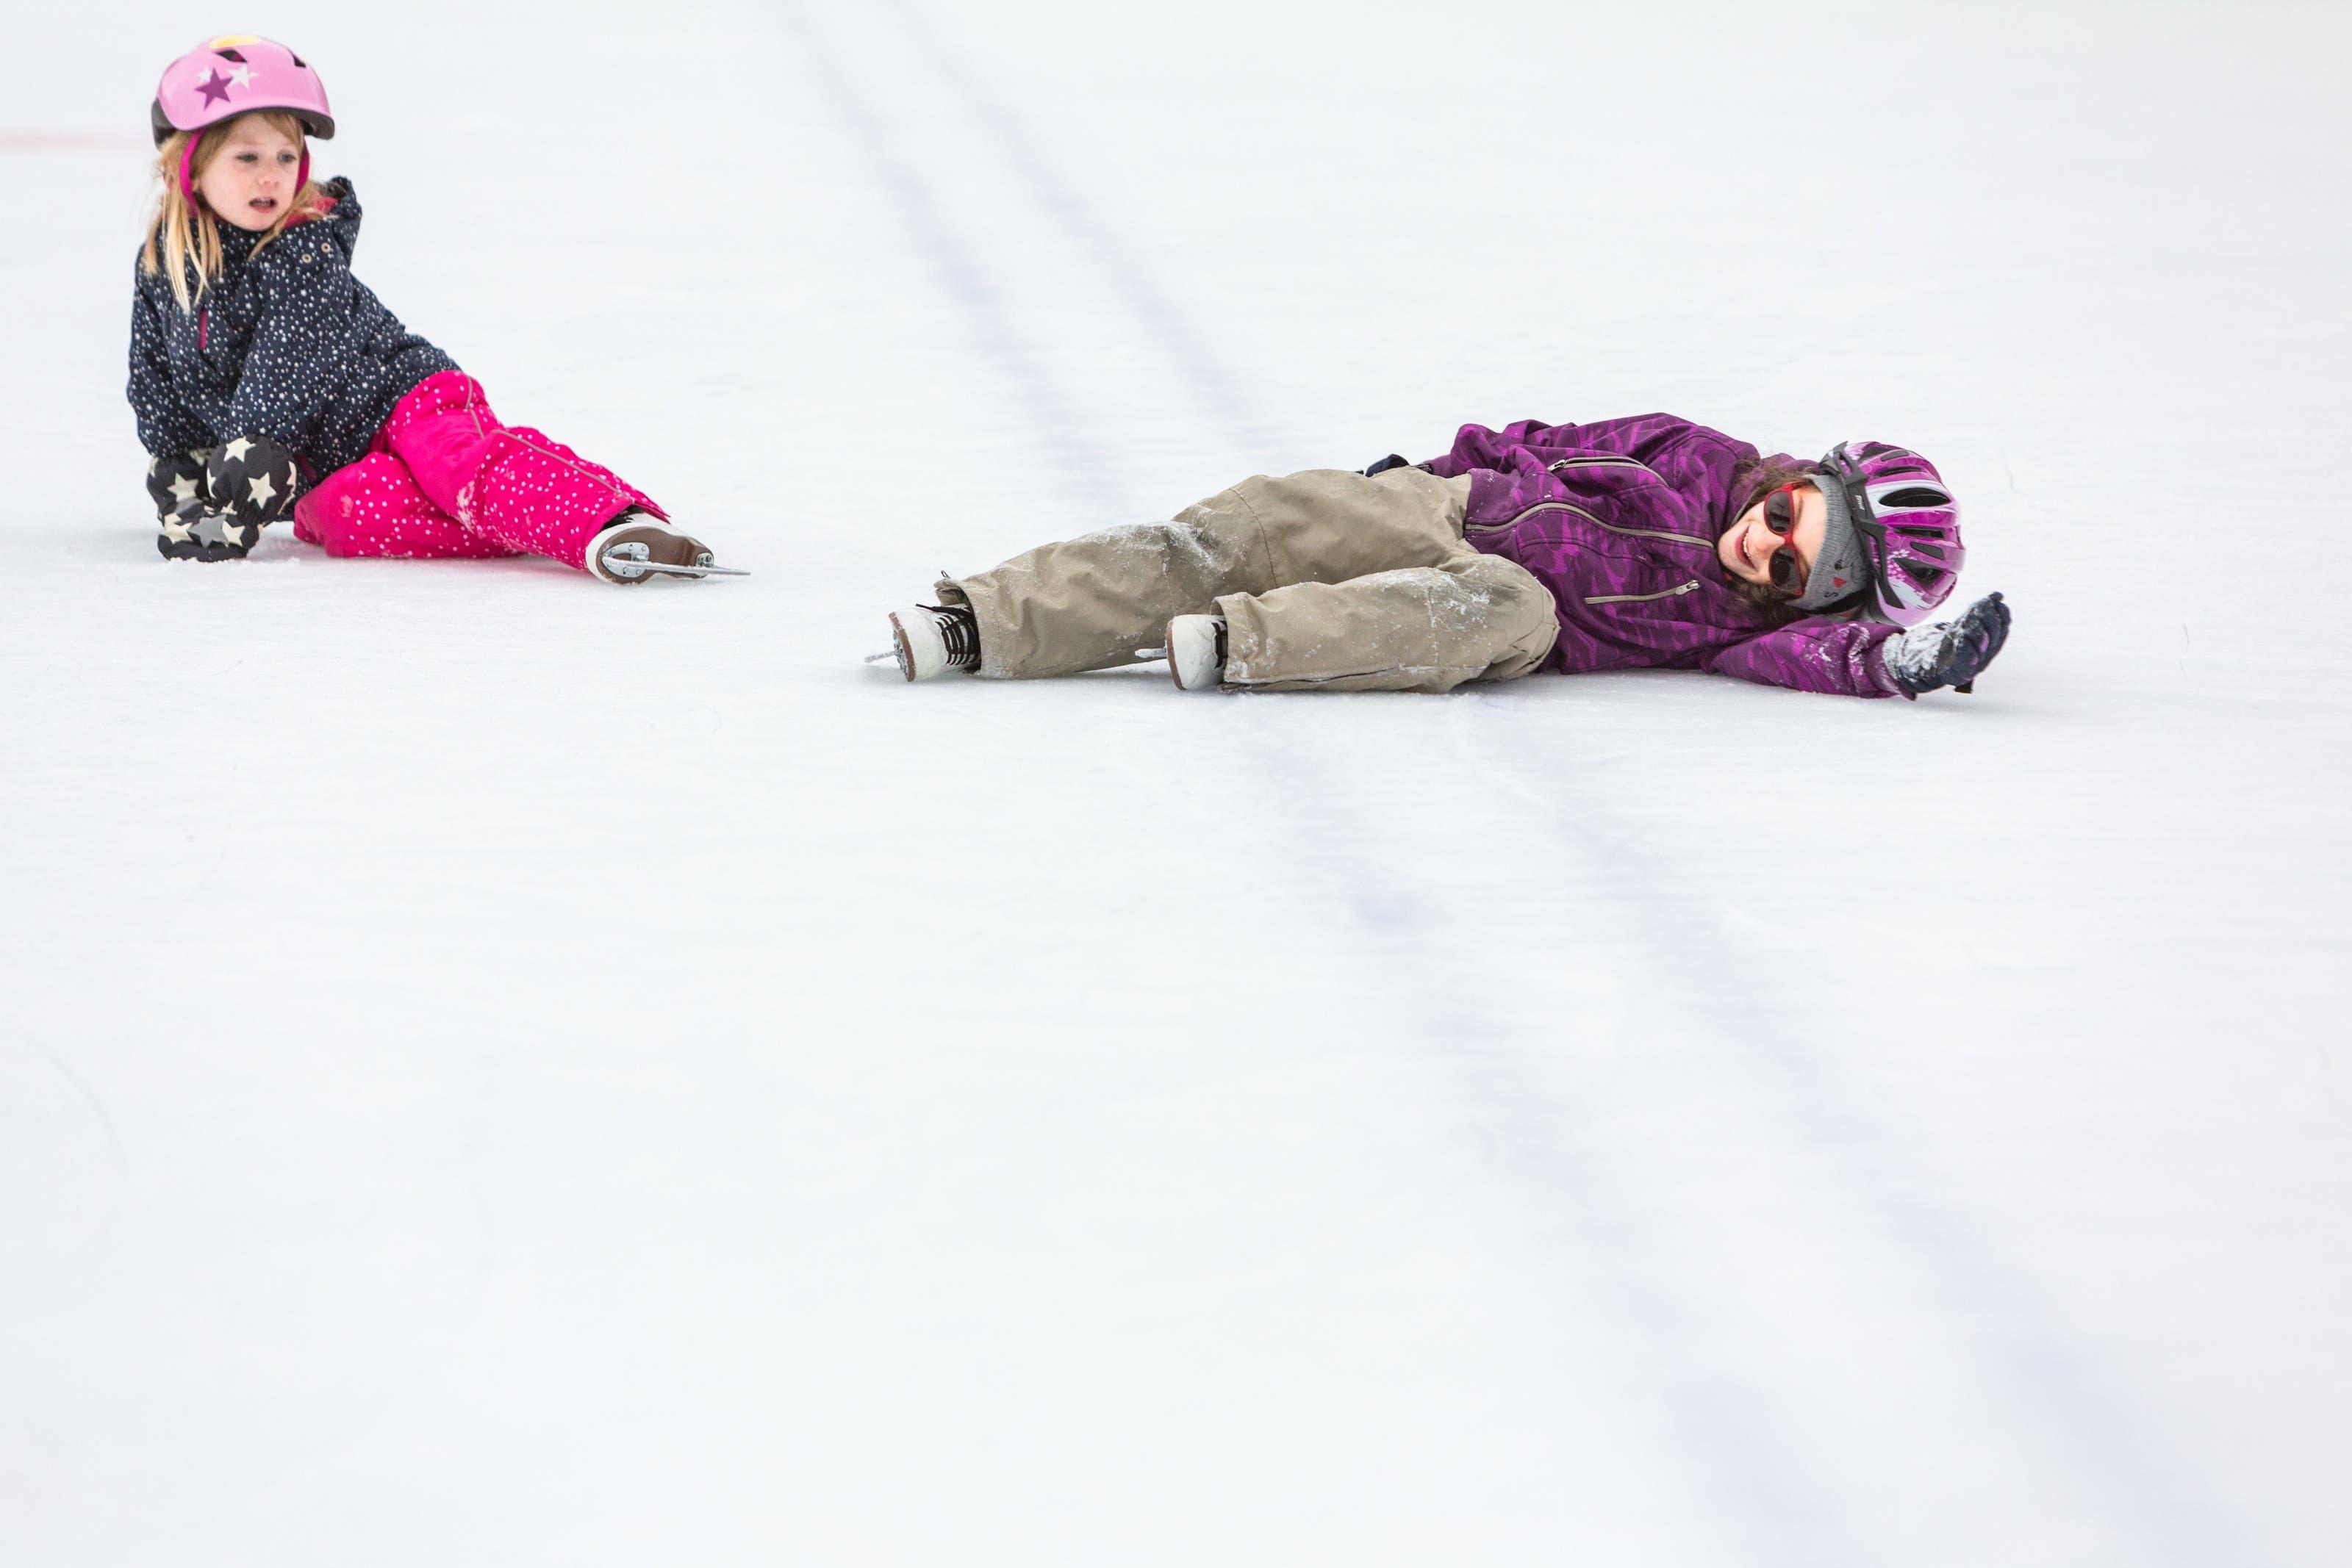 Neela und Sofia gefällts auf dem Eis – dick eingepackt, machen ihnen Stürze gar nichts aus.